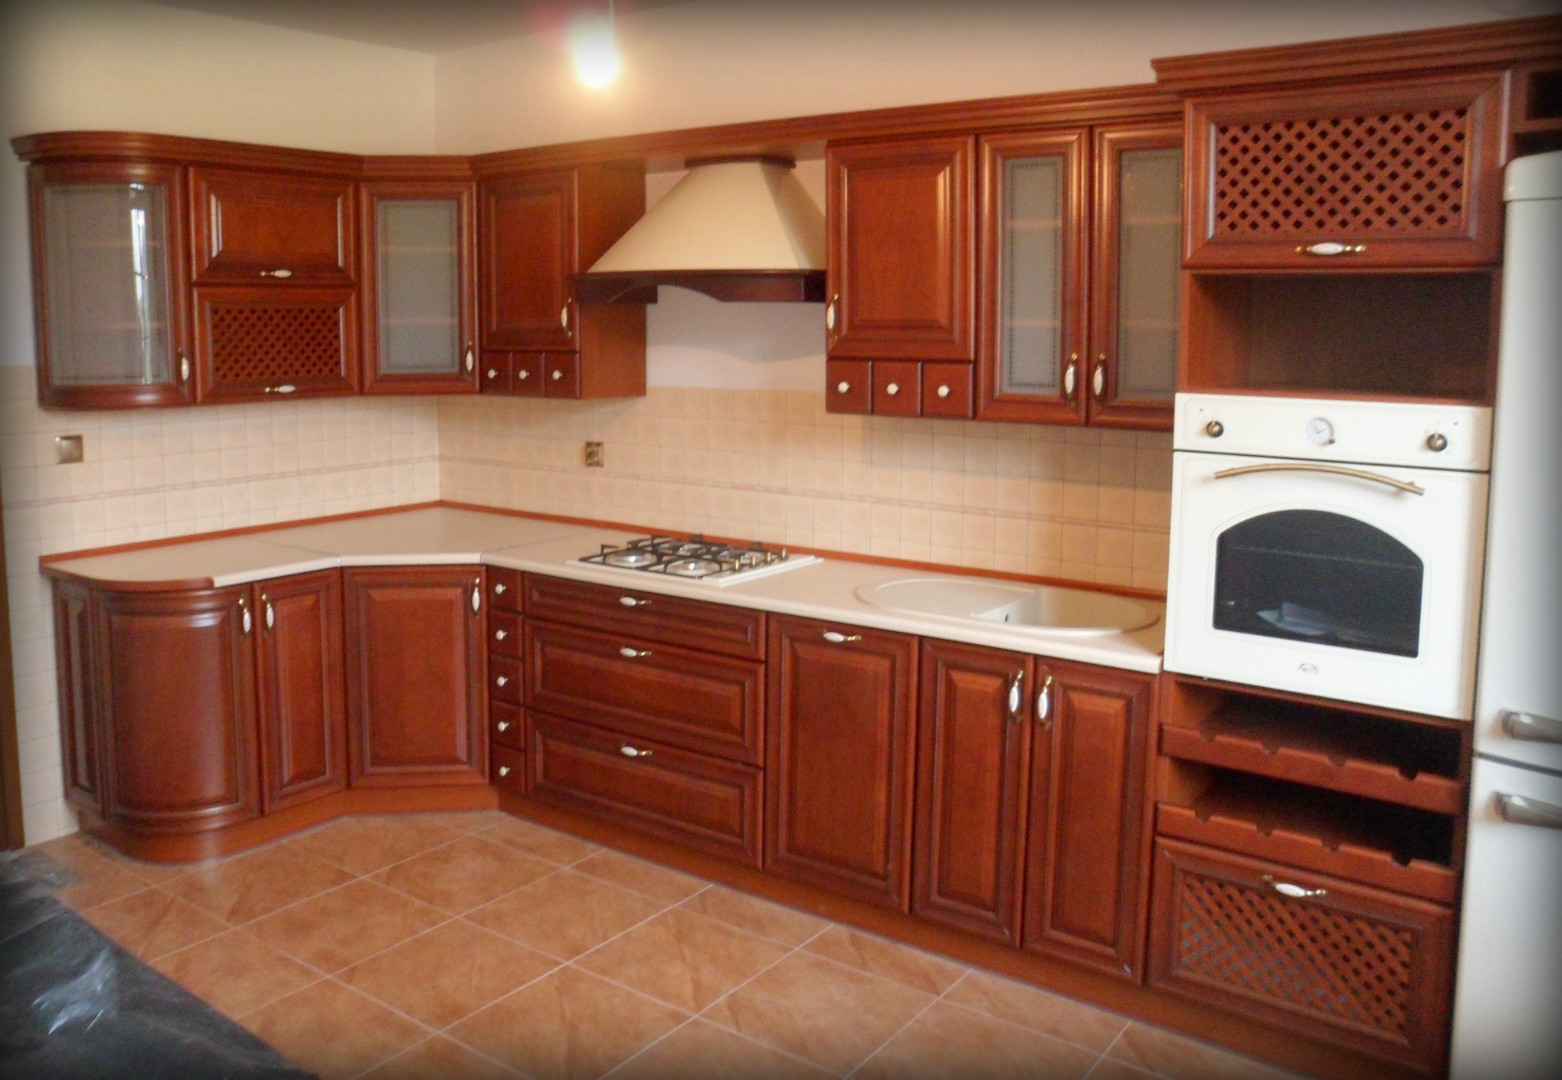 Kuchnie drewniane  Ryś  Pol  Ryszard Pikor